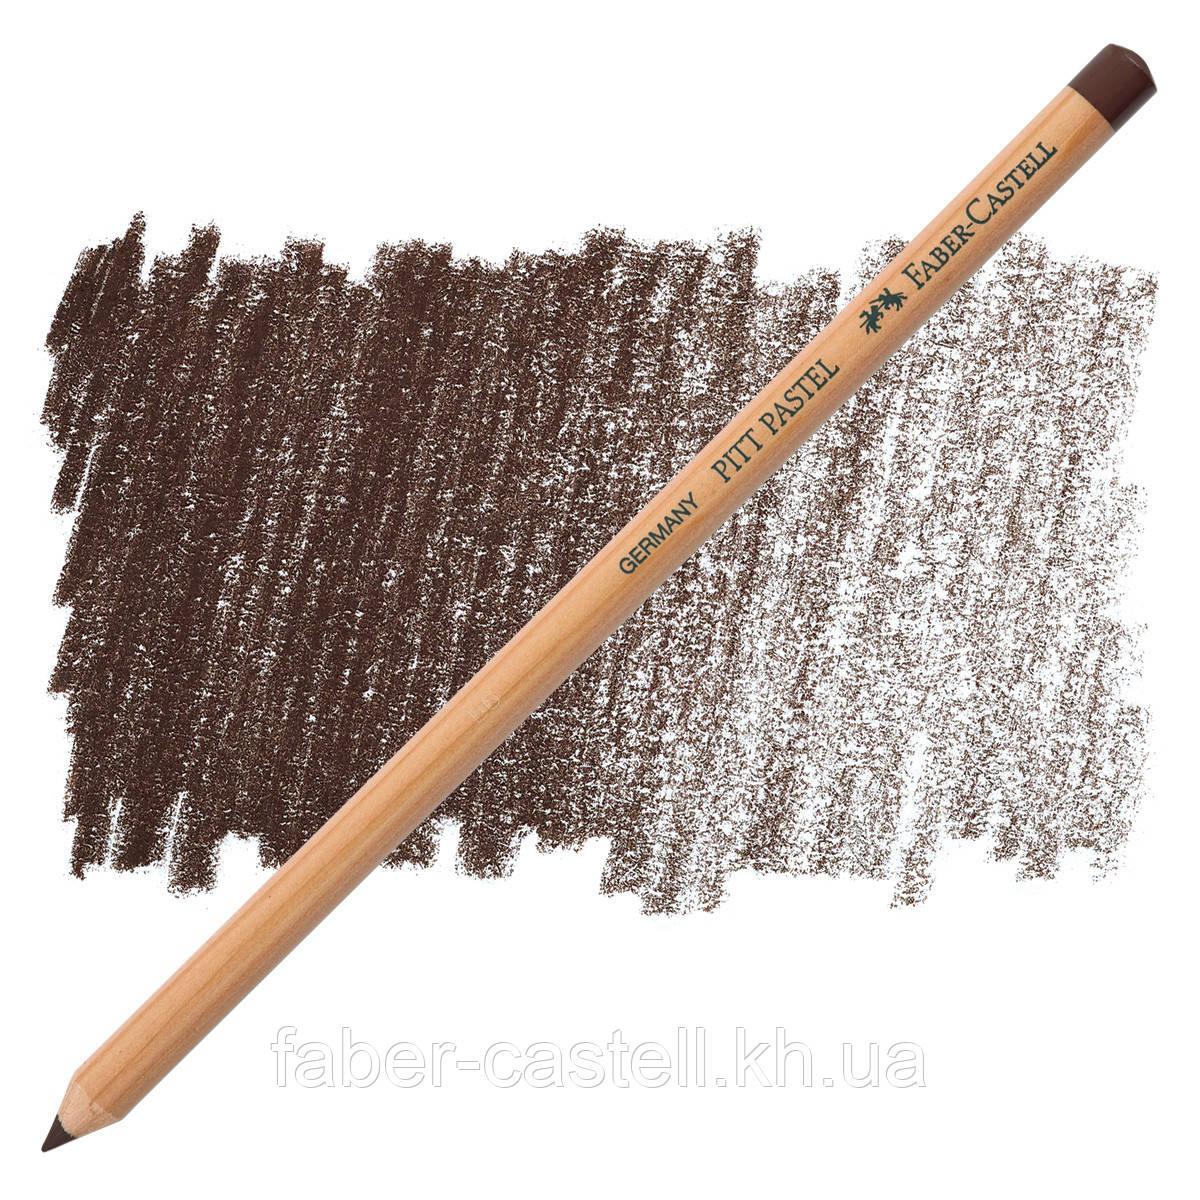 Карандаш пастельный Faber-Castell PITT цвет светлая сепия  (pastel walnut brown ) №177, 112277